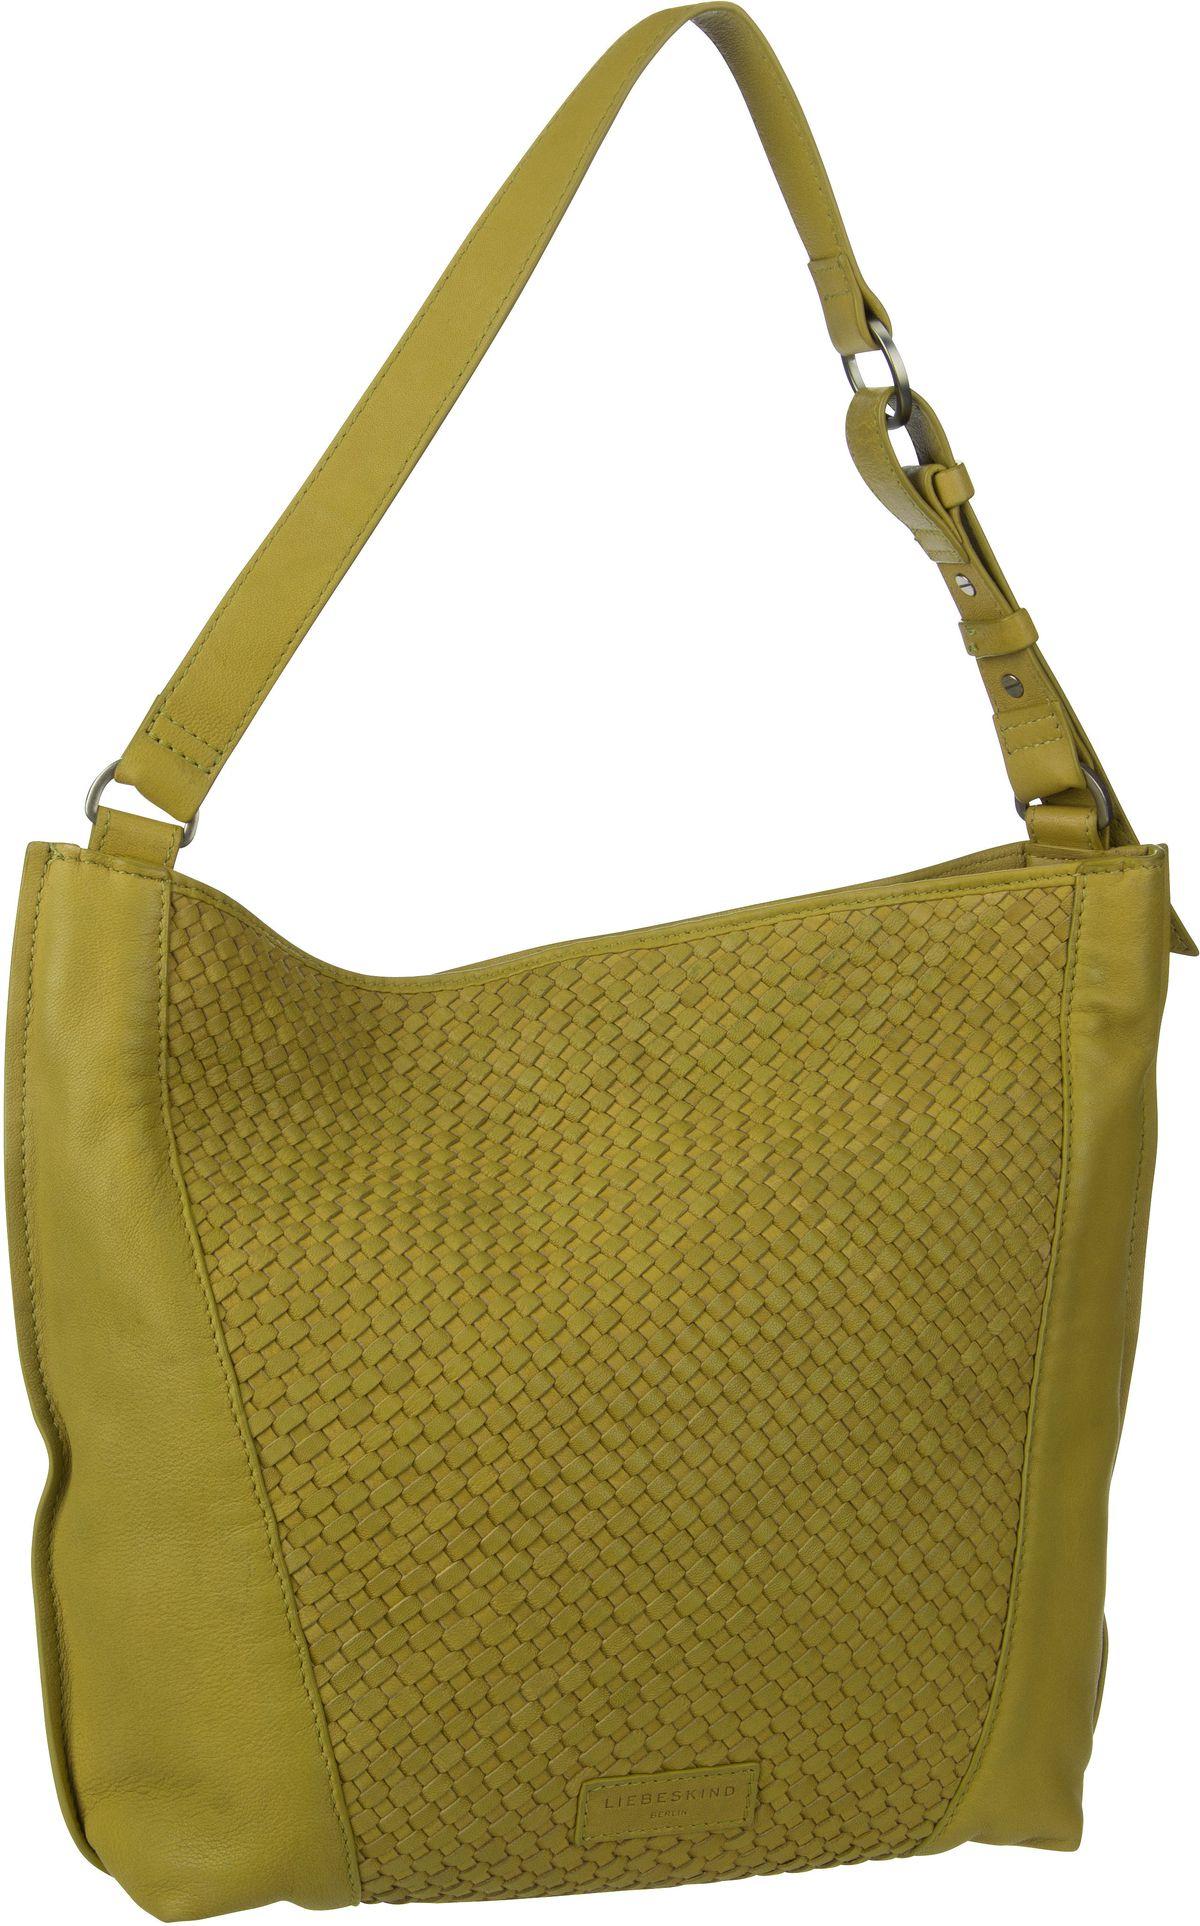 Berlin Handtasche Santa Fe Hobo M Golden Olive